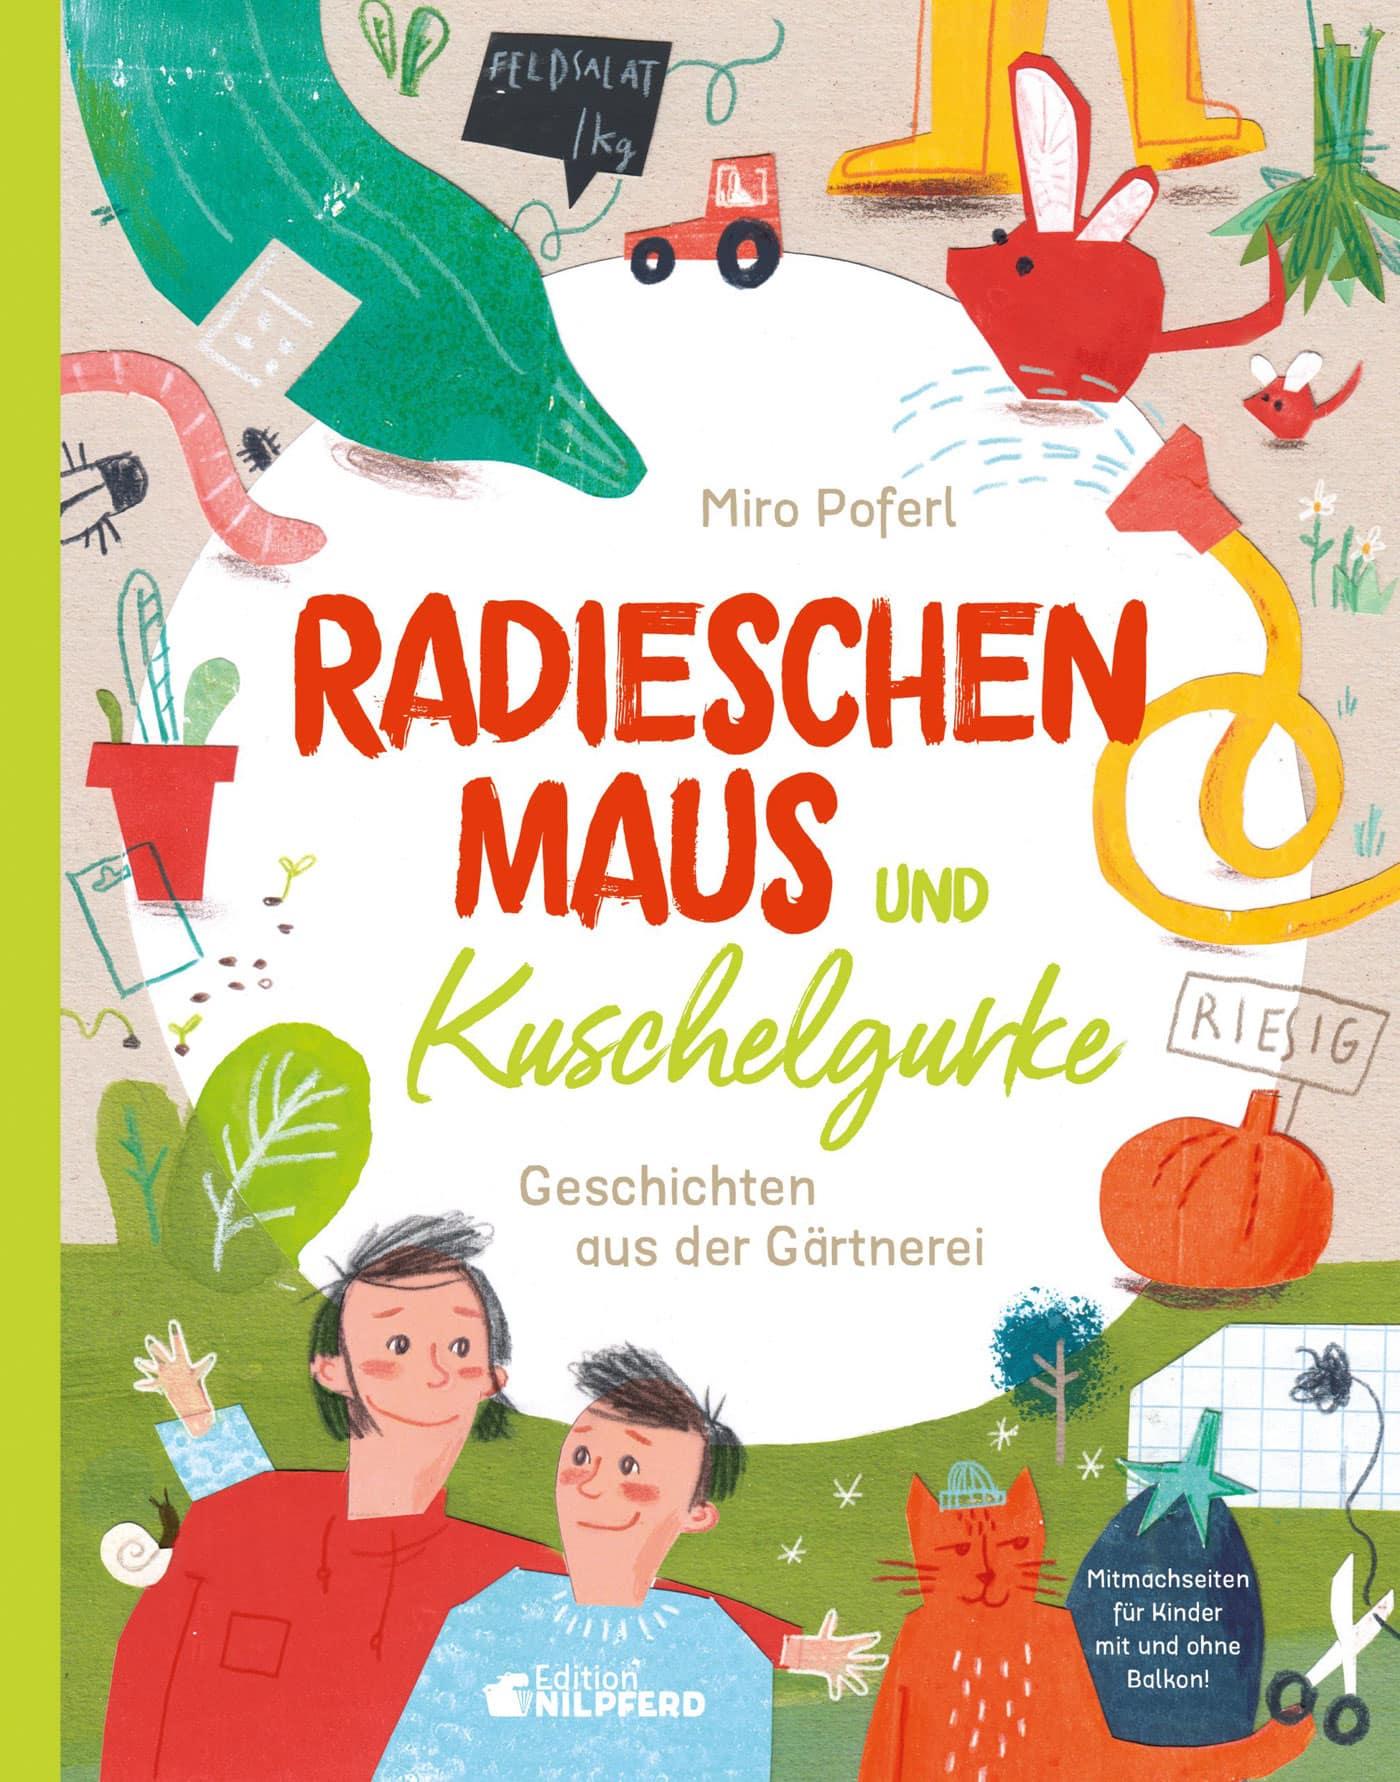 Kinderbuch Natur- und Garten: Radieschenmaus und Kuschelgurke // HIMBEER